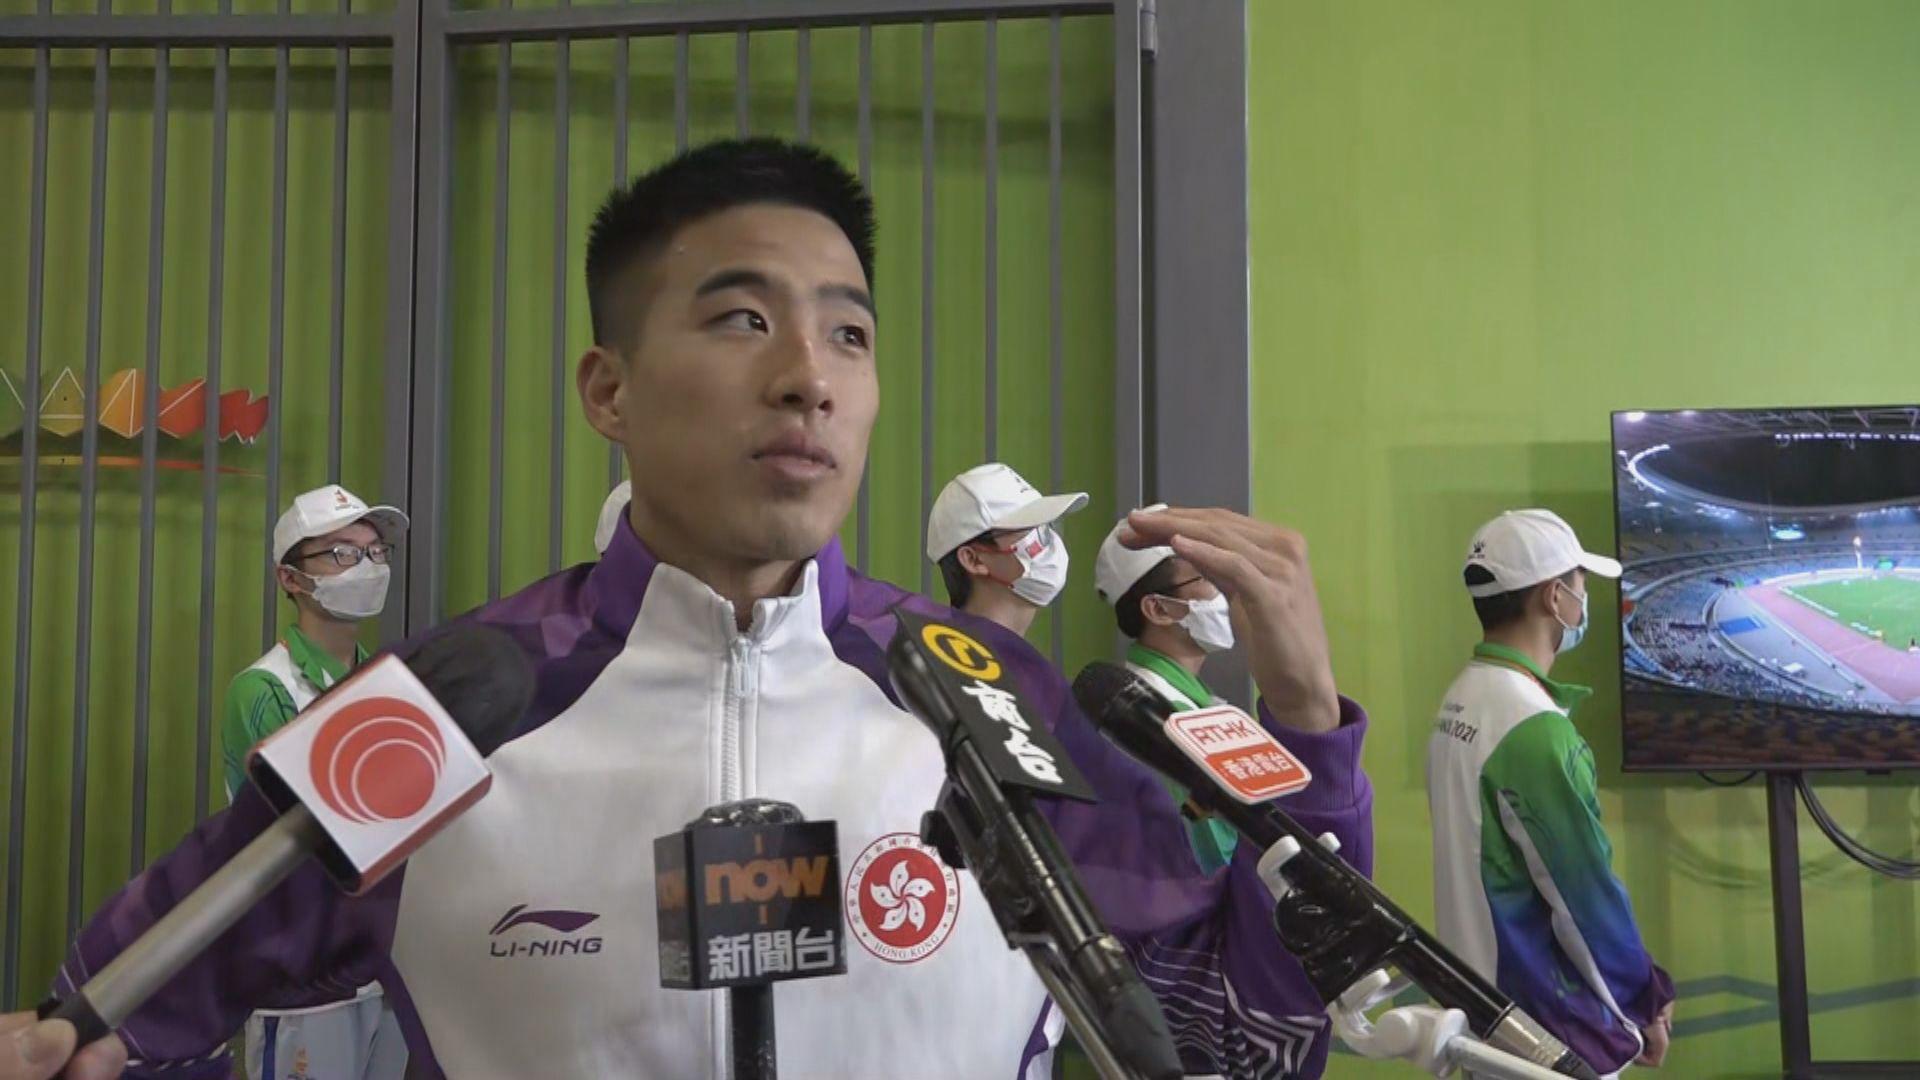 全運會男子跳遠 港隊陳銘泰排名第十二